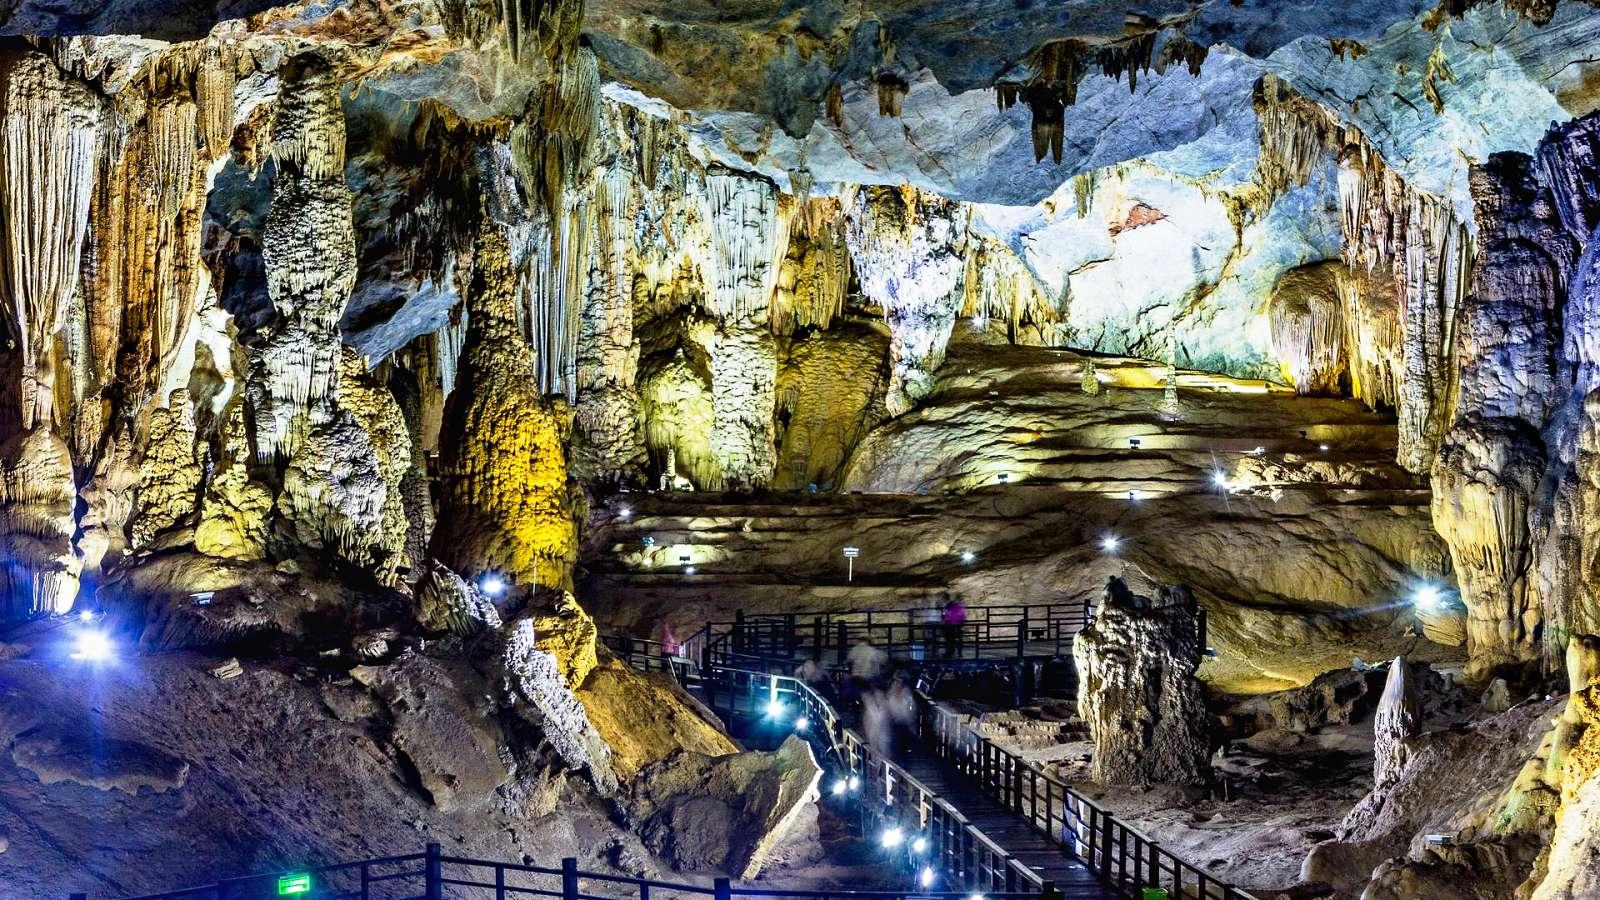 Vietnam 14 - Návštěva nejkrásnější jeskyně světa a parku Phong Nha - Ke Bang